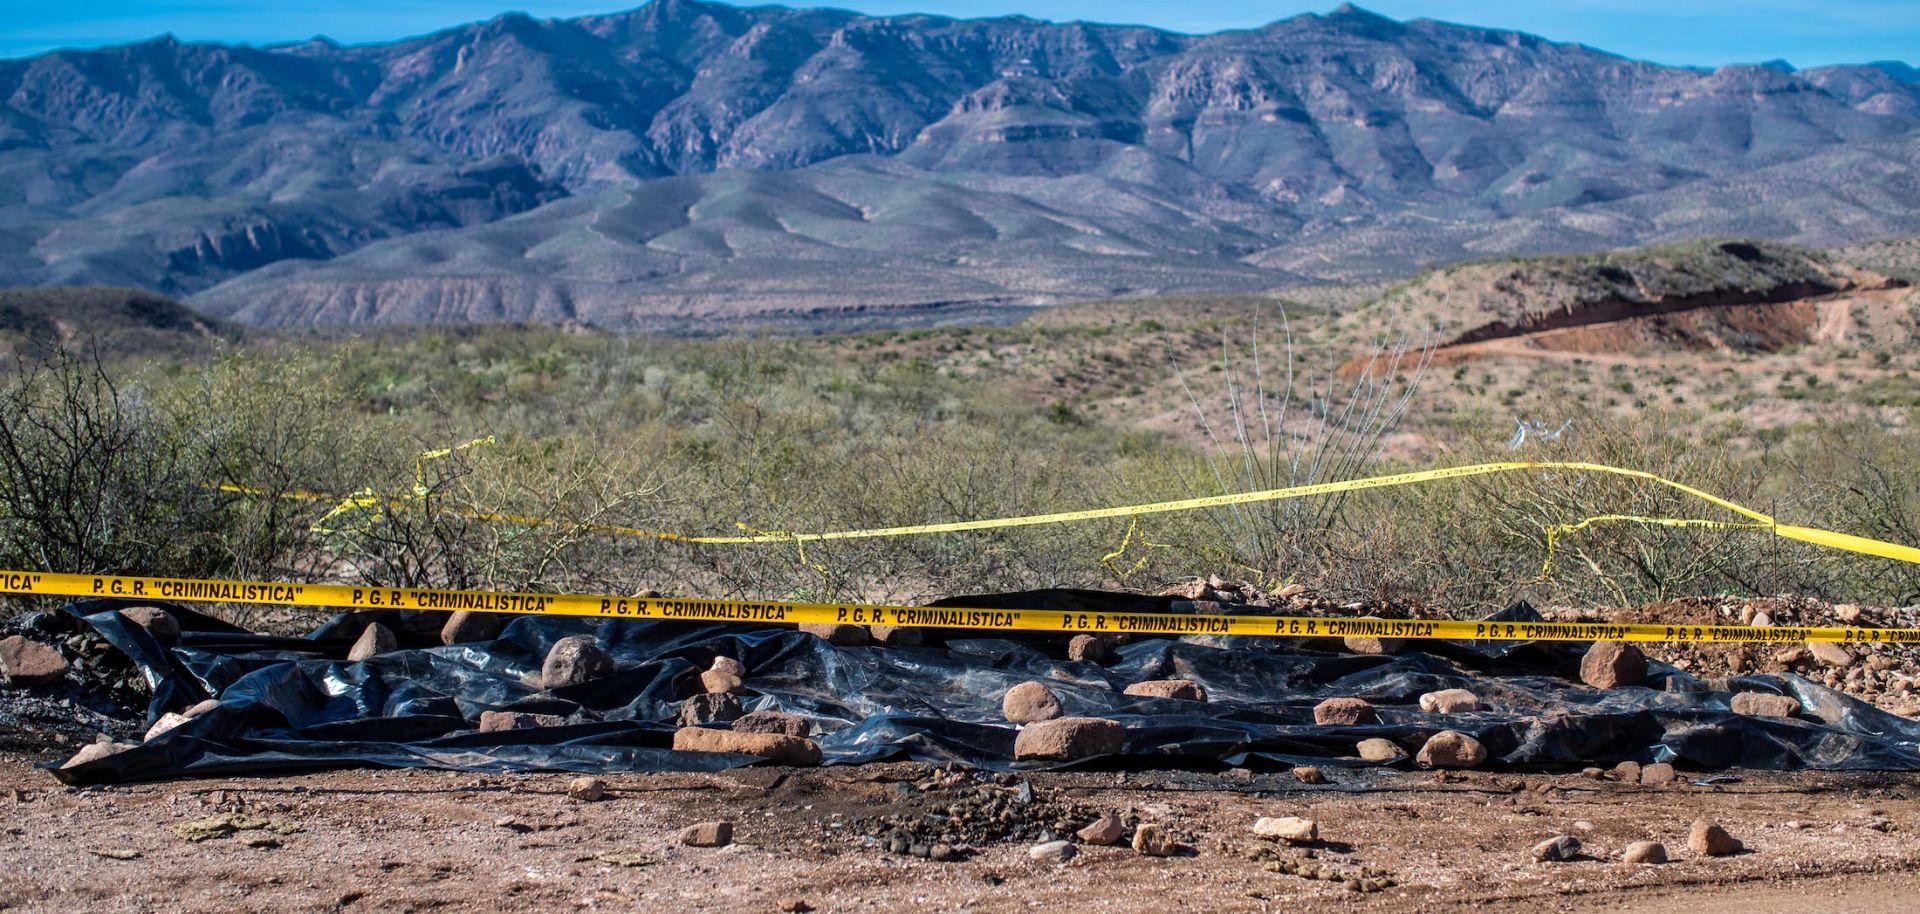 The scene of cartel killings on Jan. 11, 2019, in Bavispe, Sonora.